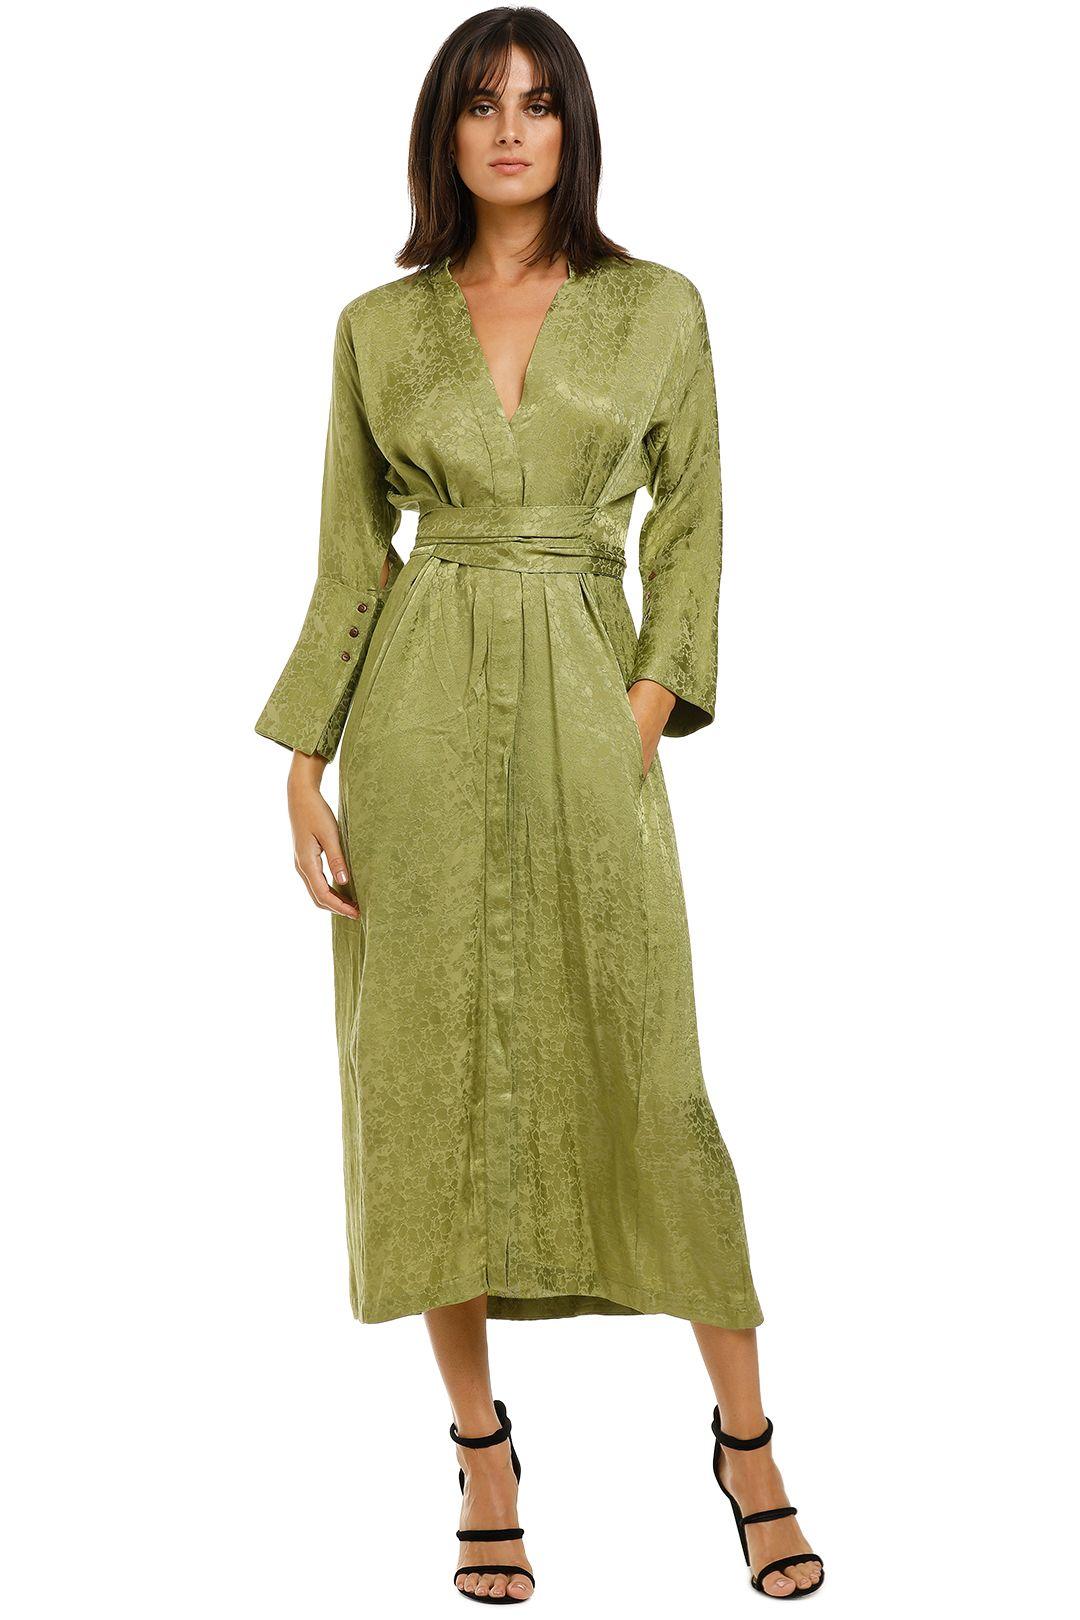 KITX-Slink-Shirt-Dress-Olive-Front